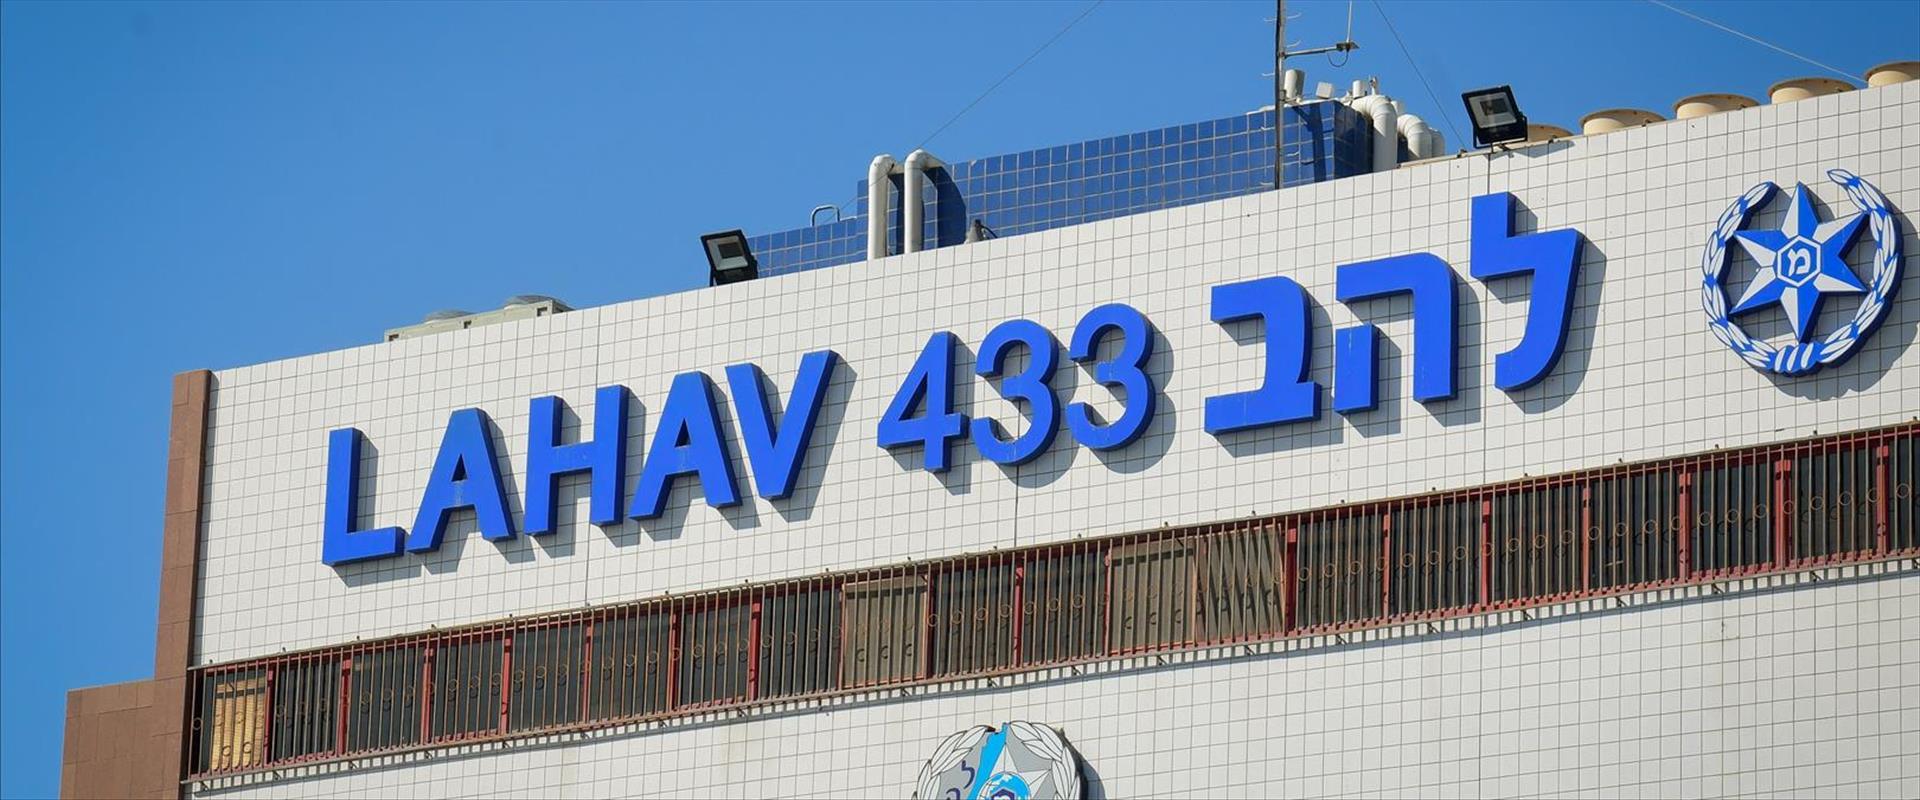 להב 433